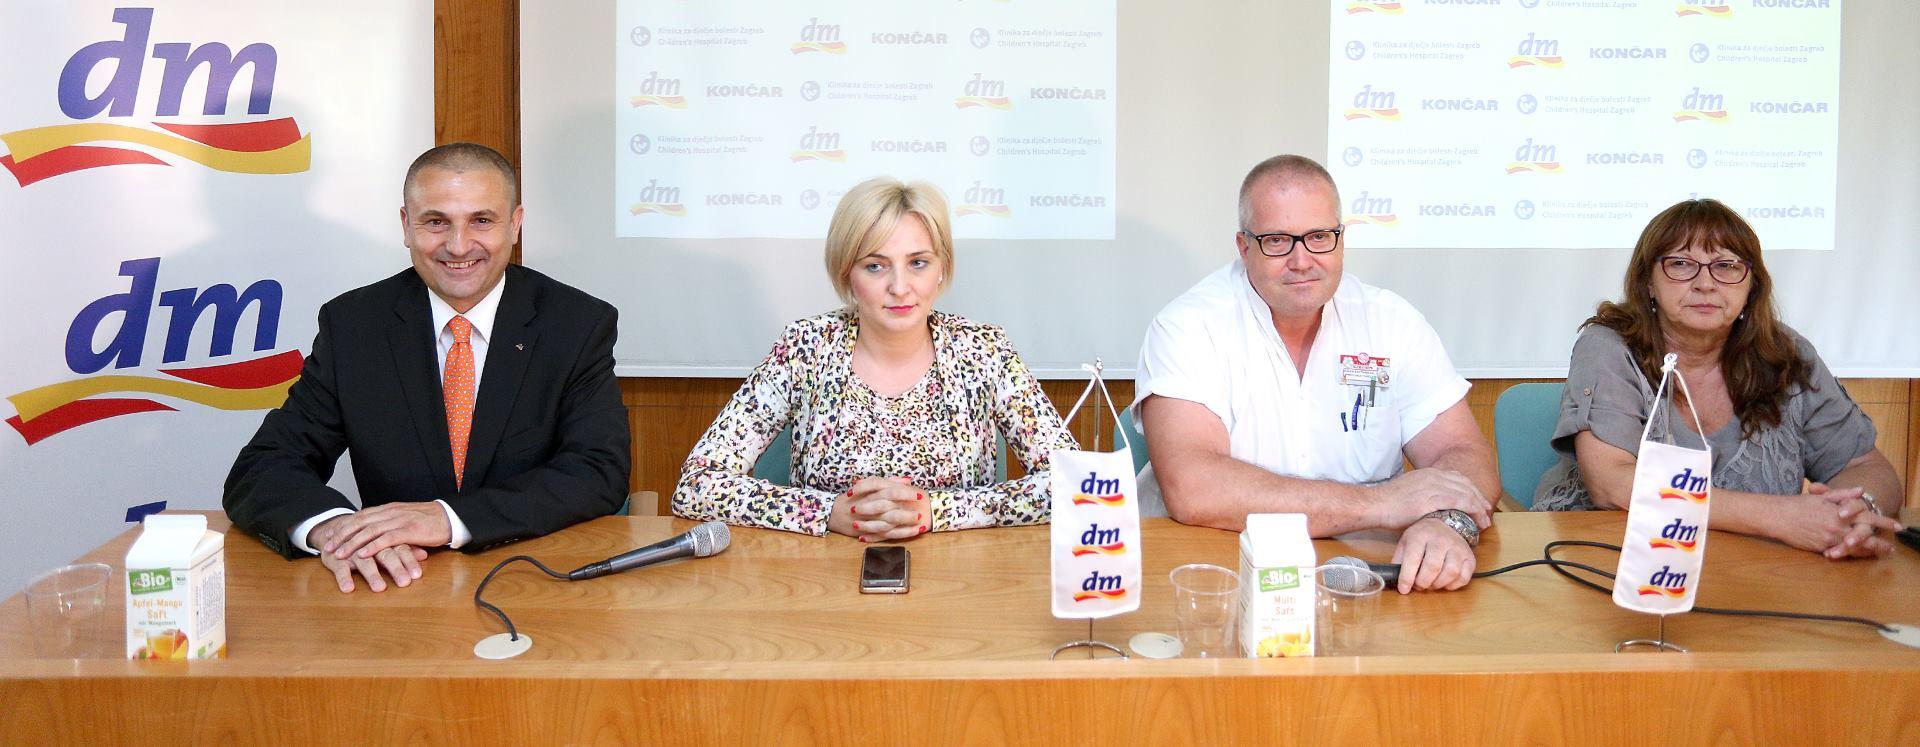 Donacija dm-a i Končara za lakšu mobilnost pacijenata Klinike za dječje bolesti Zagreb